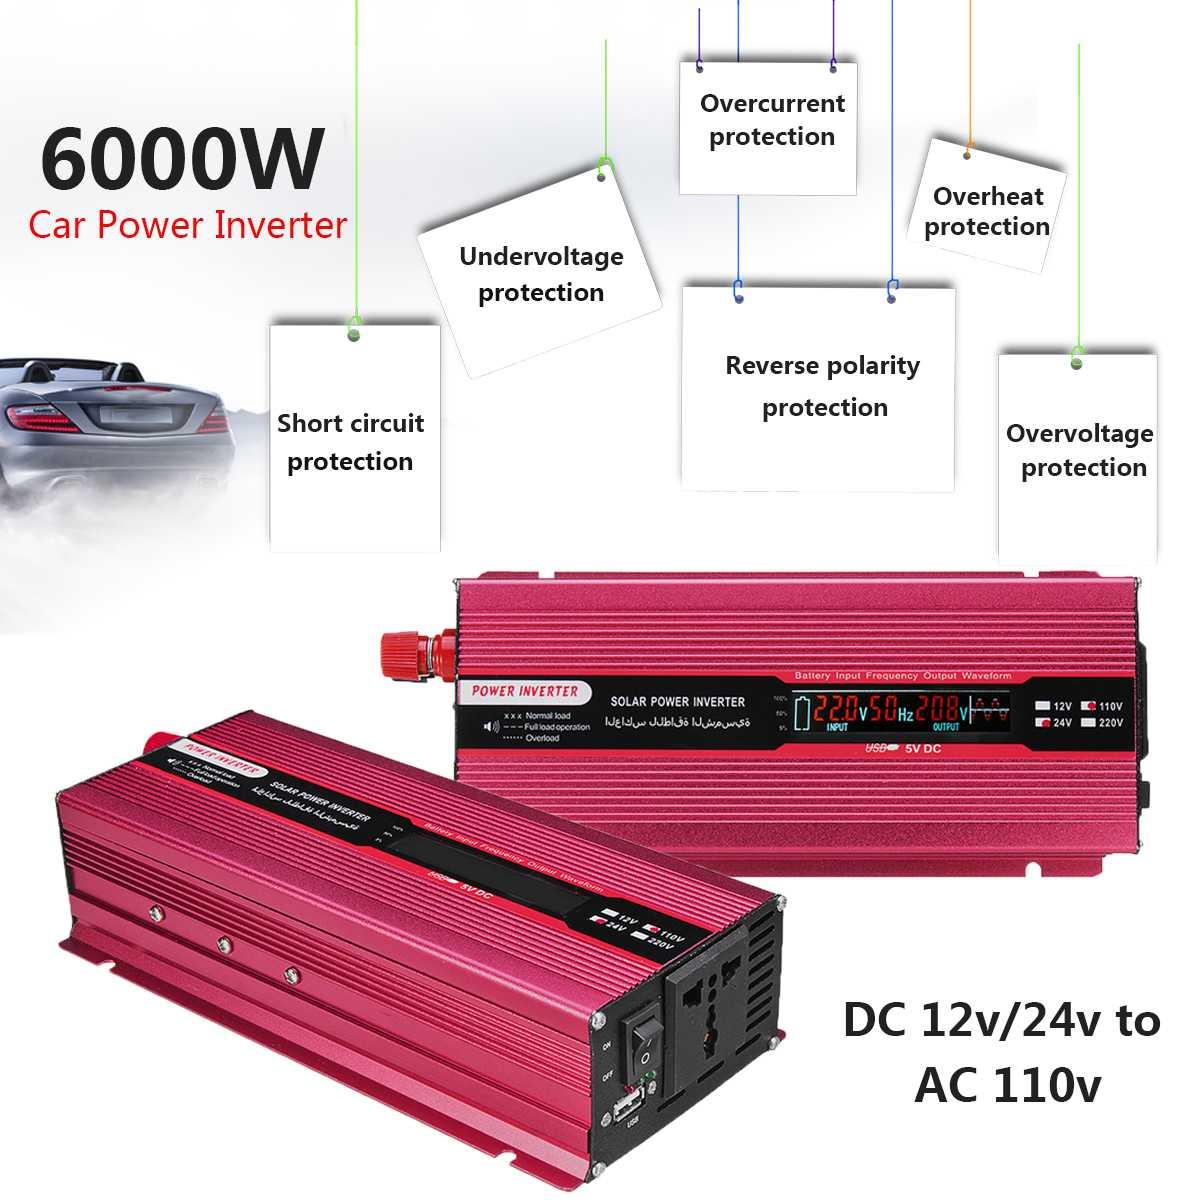 6000 W Car Power Inverter Solare 12/24 V A AC 220/110 V USB Onda Sinusoidale Modificata efficienza del convertitore Presa In Lega di Alluminio Universale6000 W Car Power Inverter Solare 12/24 V A AC 220/110 V USB Onda Sinusoidale Modificata efficienza del convertitore Presa In Lega di Alluminio Universale